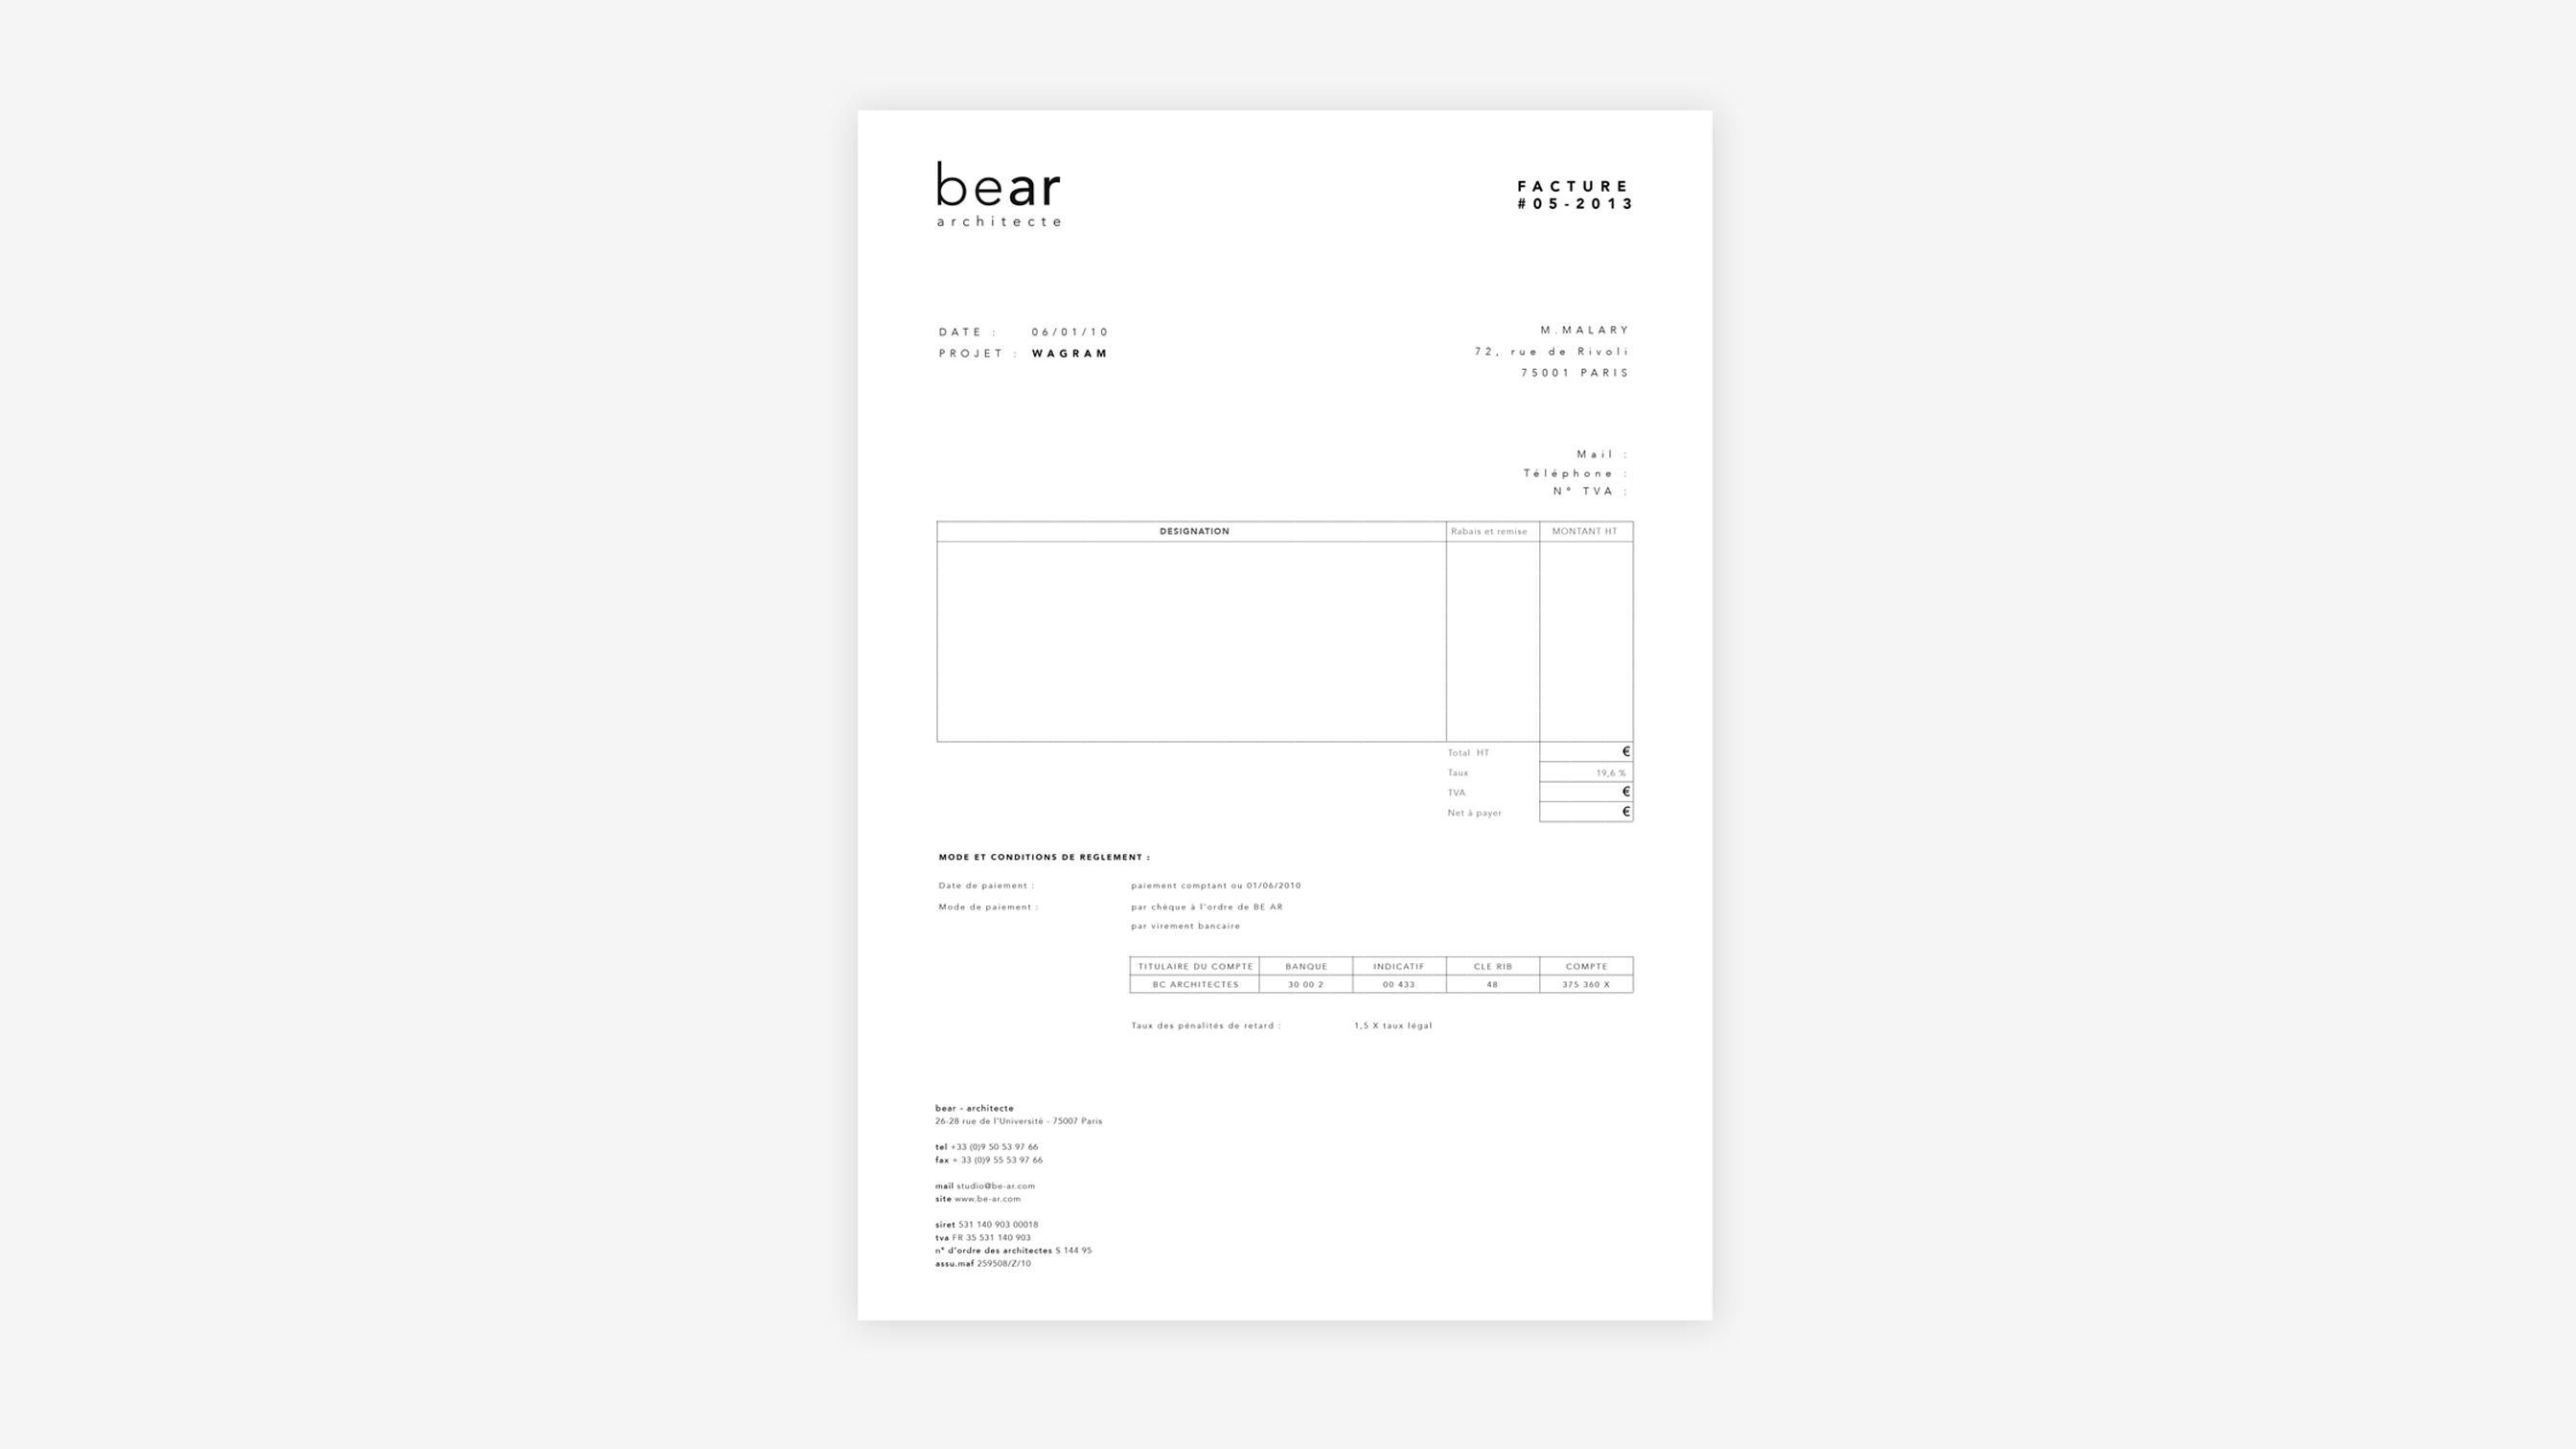 bear-facture-logotype-pikteo